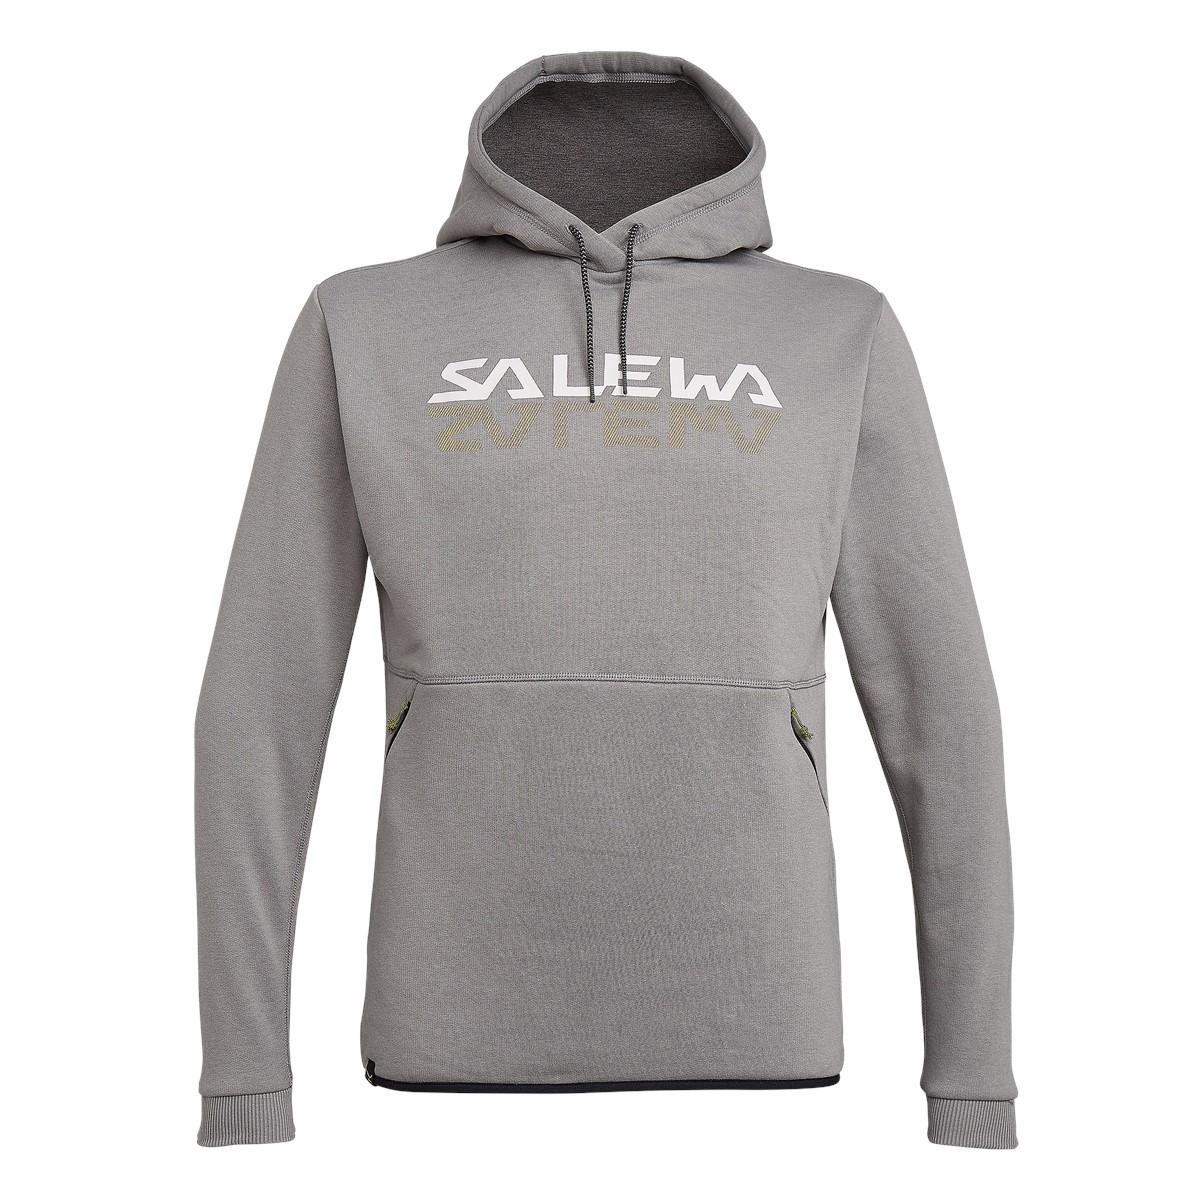 Salewa REFLECTION DRY M HDY-grey melange-50/L - Gr. 50/L